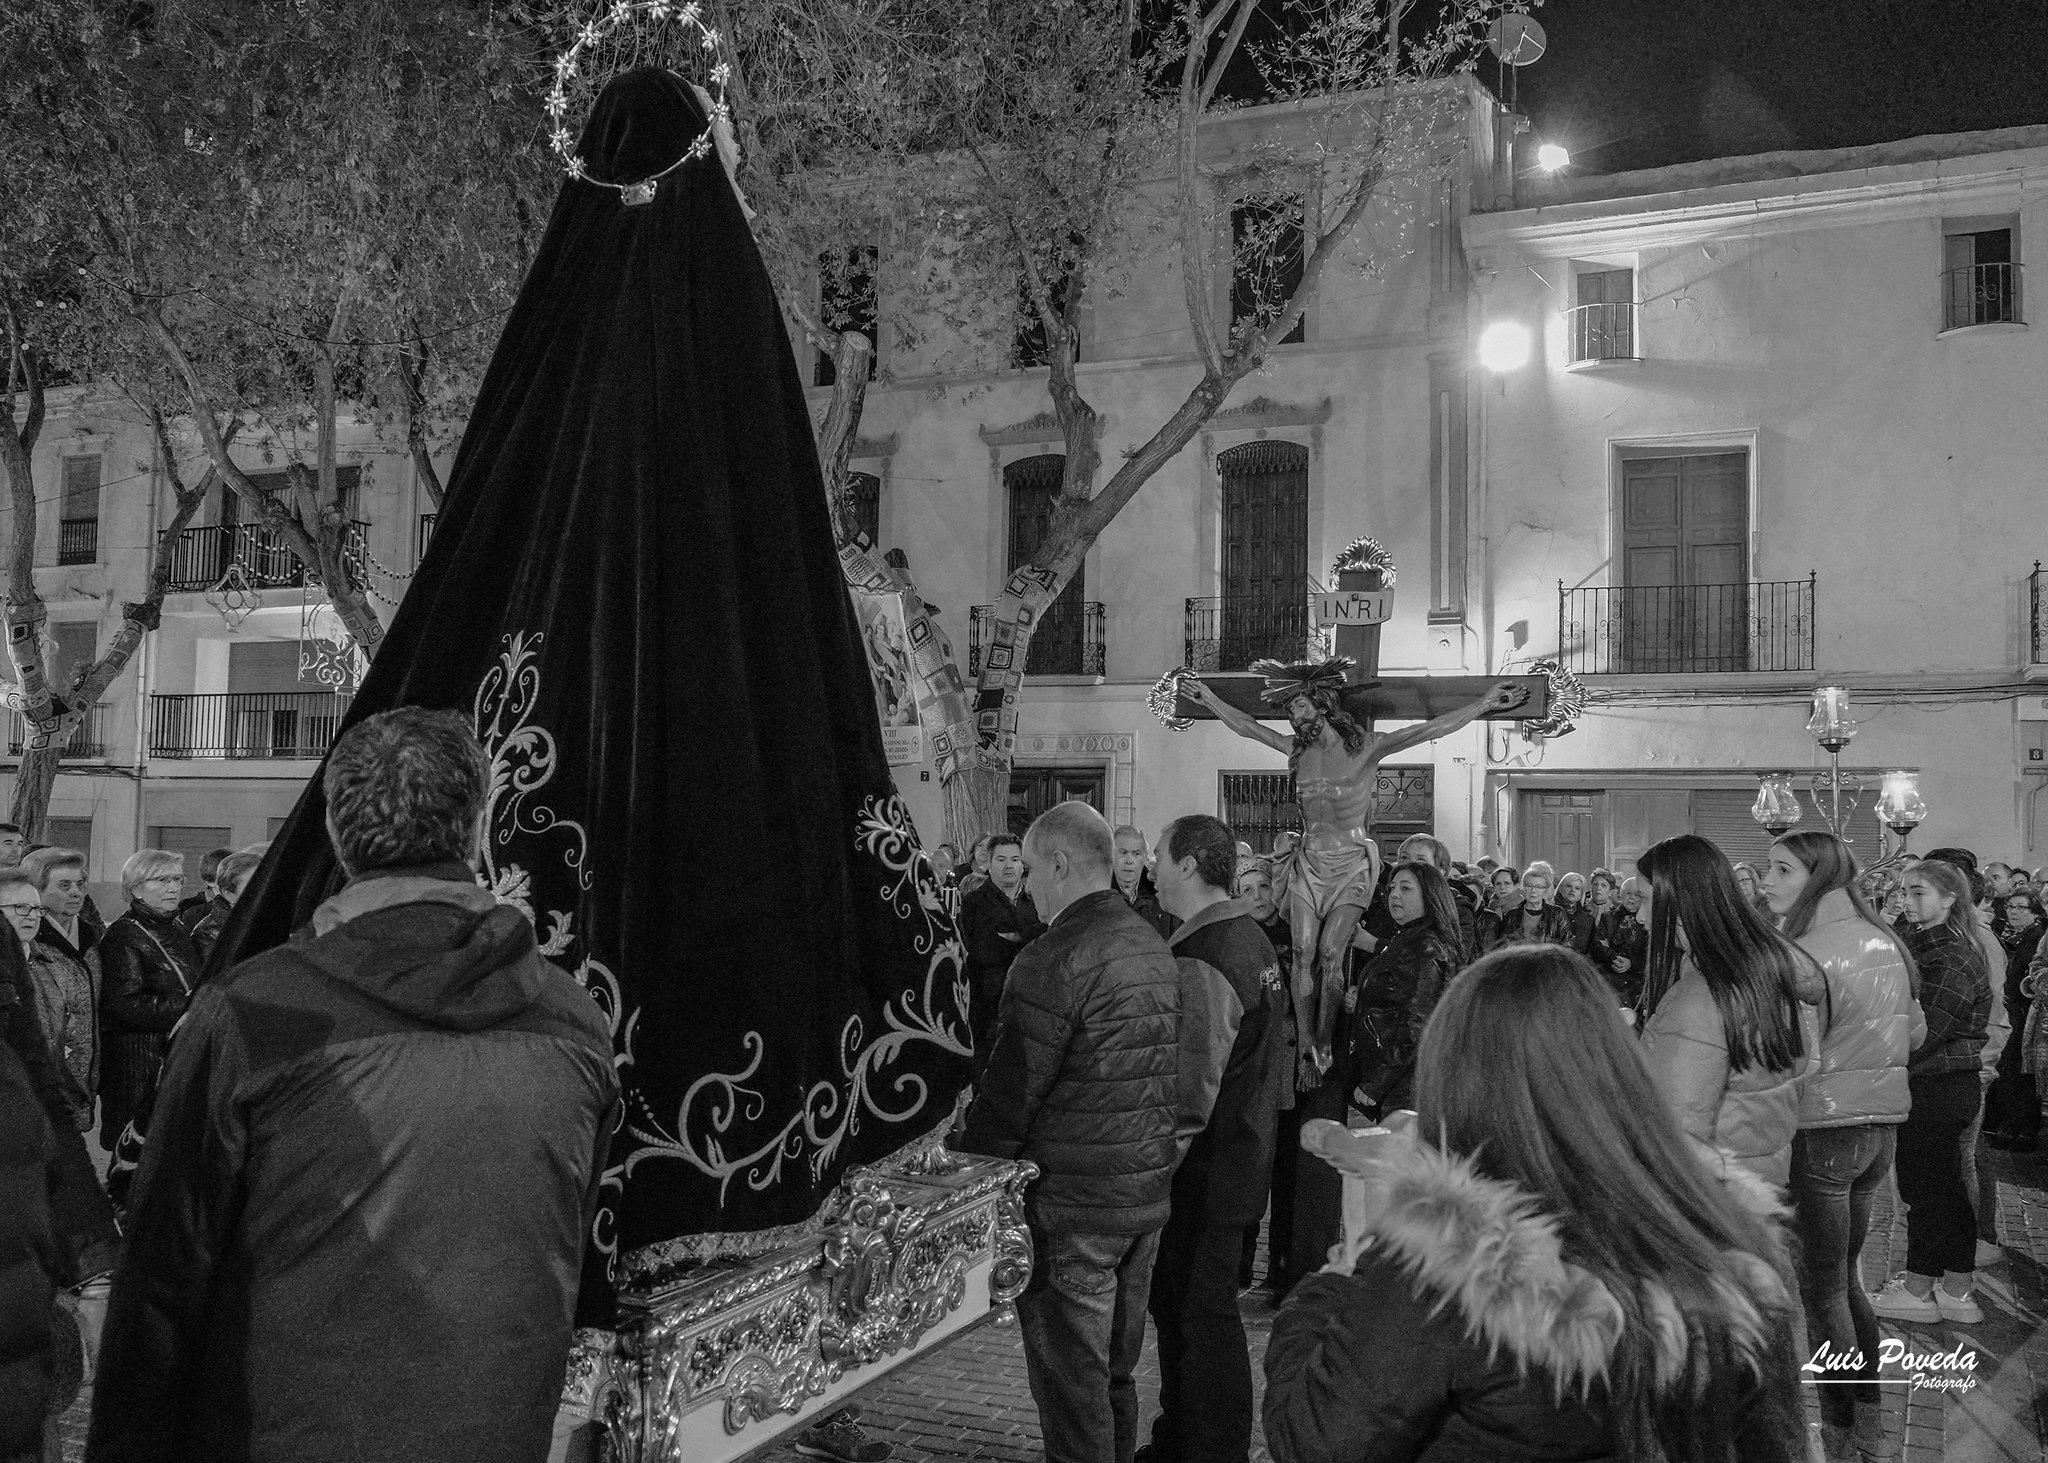 (2019-04-12) - X Vía Crucis nocturno - Luis Poveda Galiano (19)